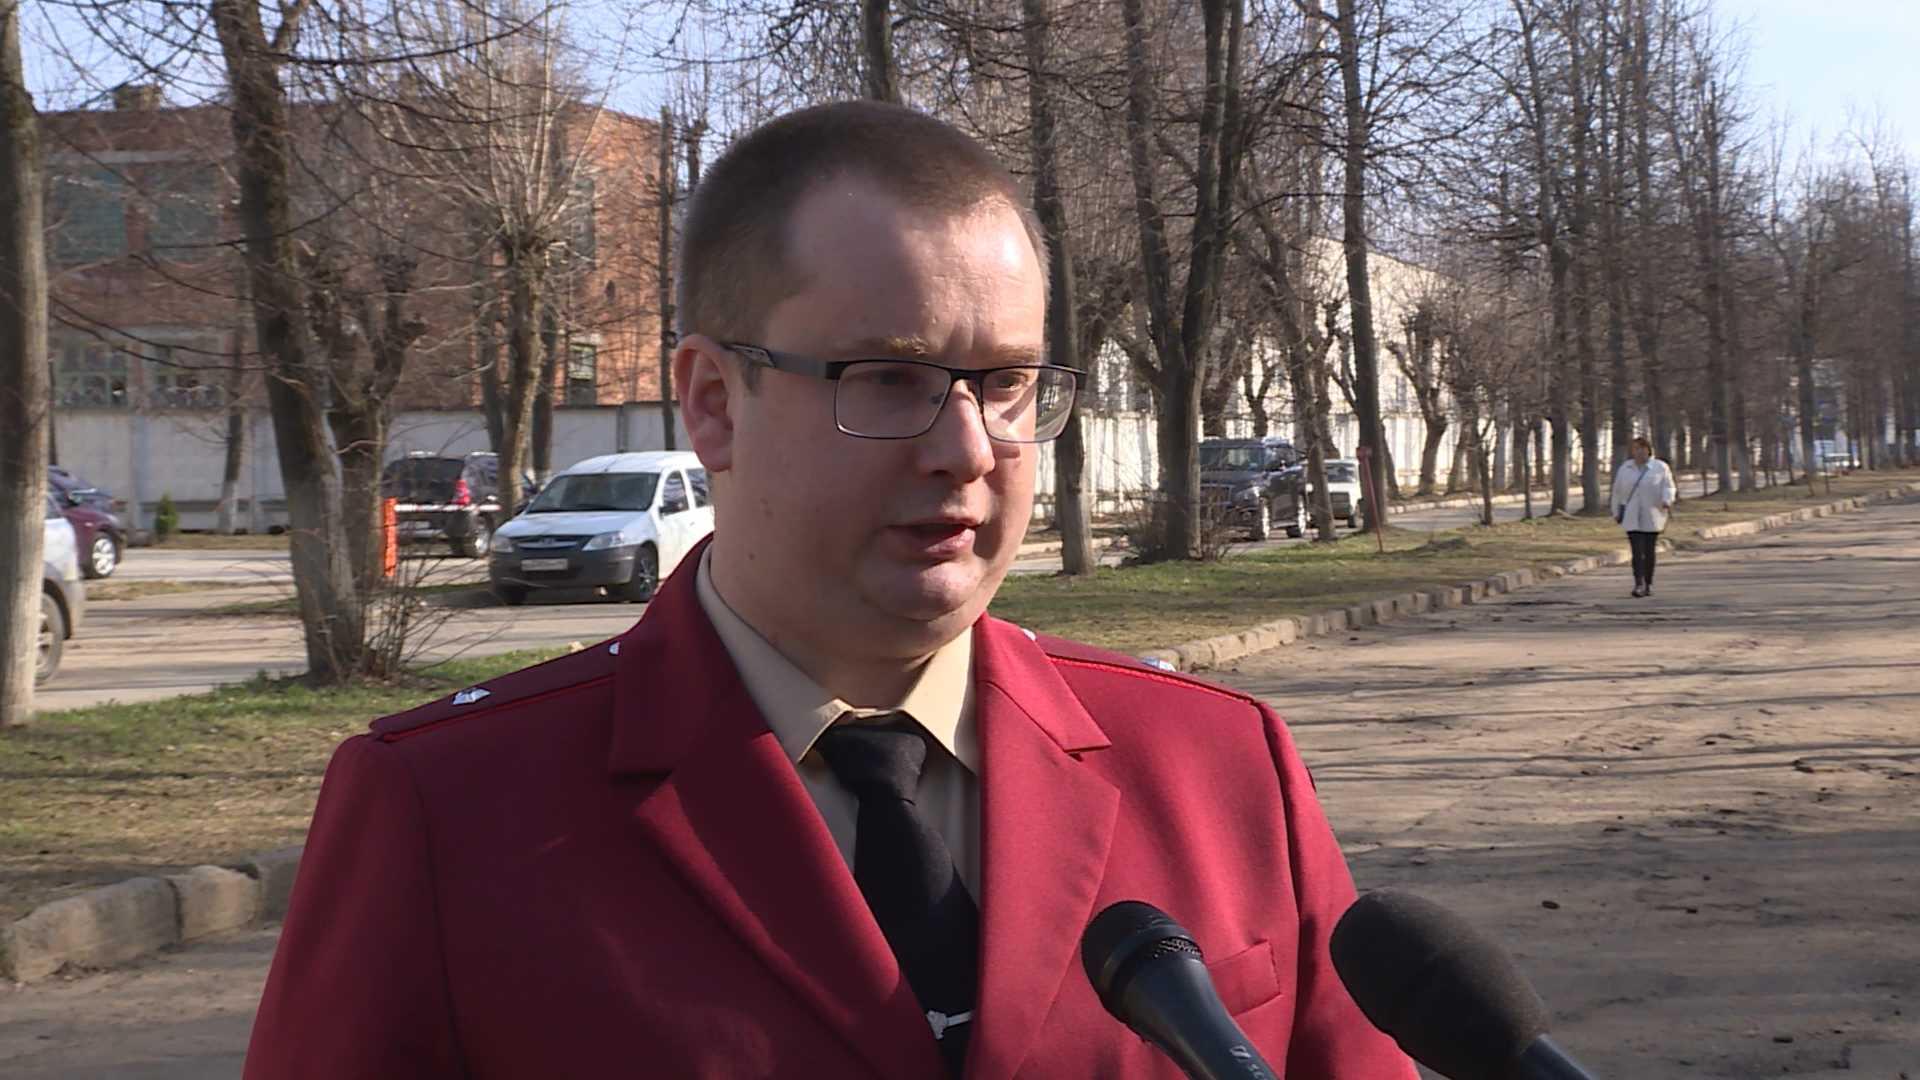 Роспотребнадзор: послаблений санитарного режима в Костроме пока не будет